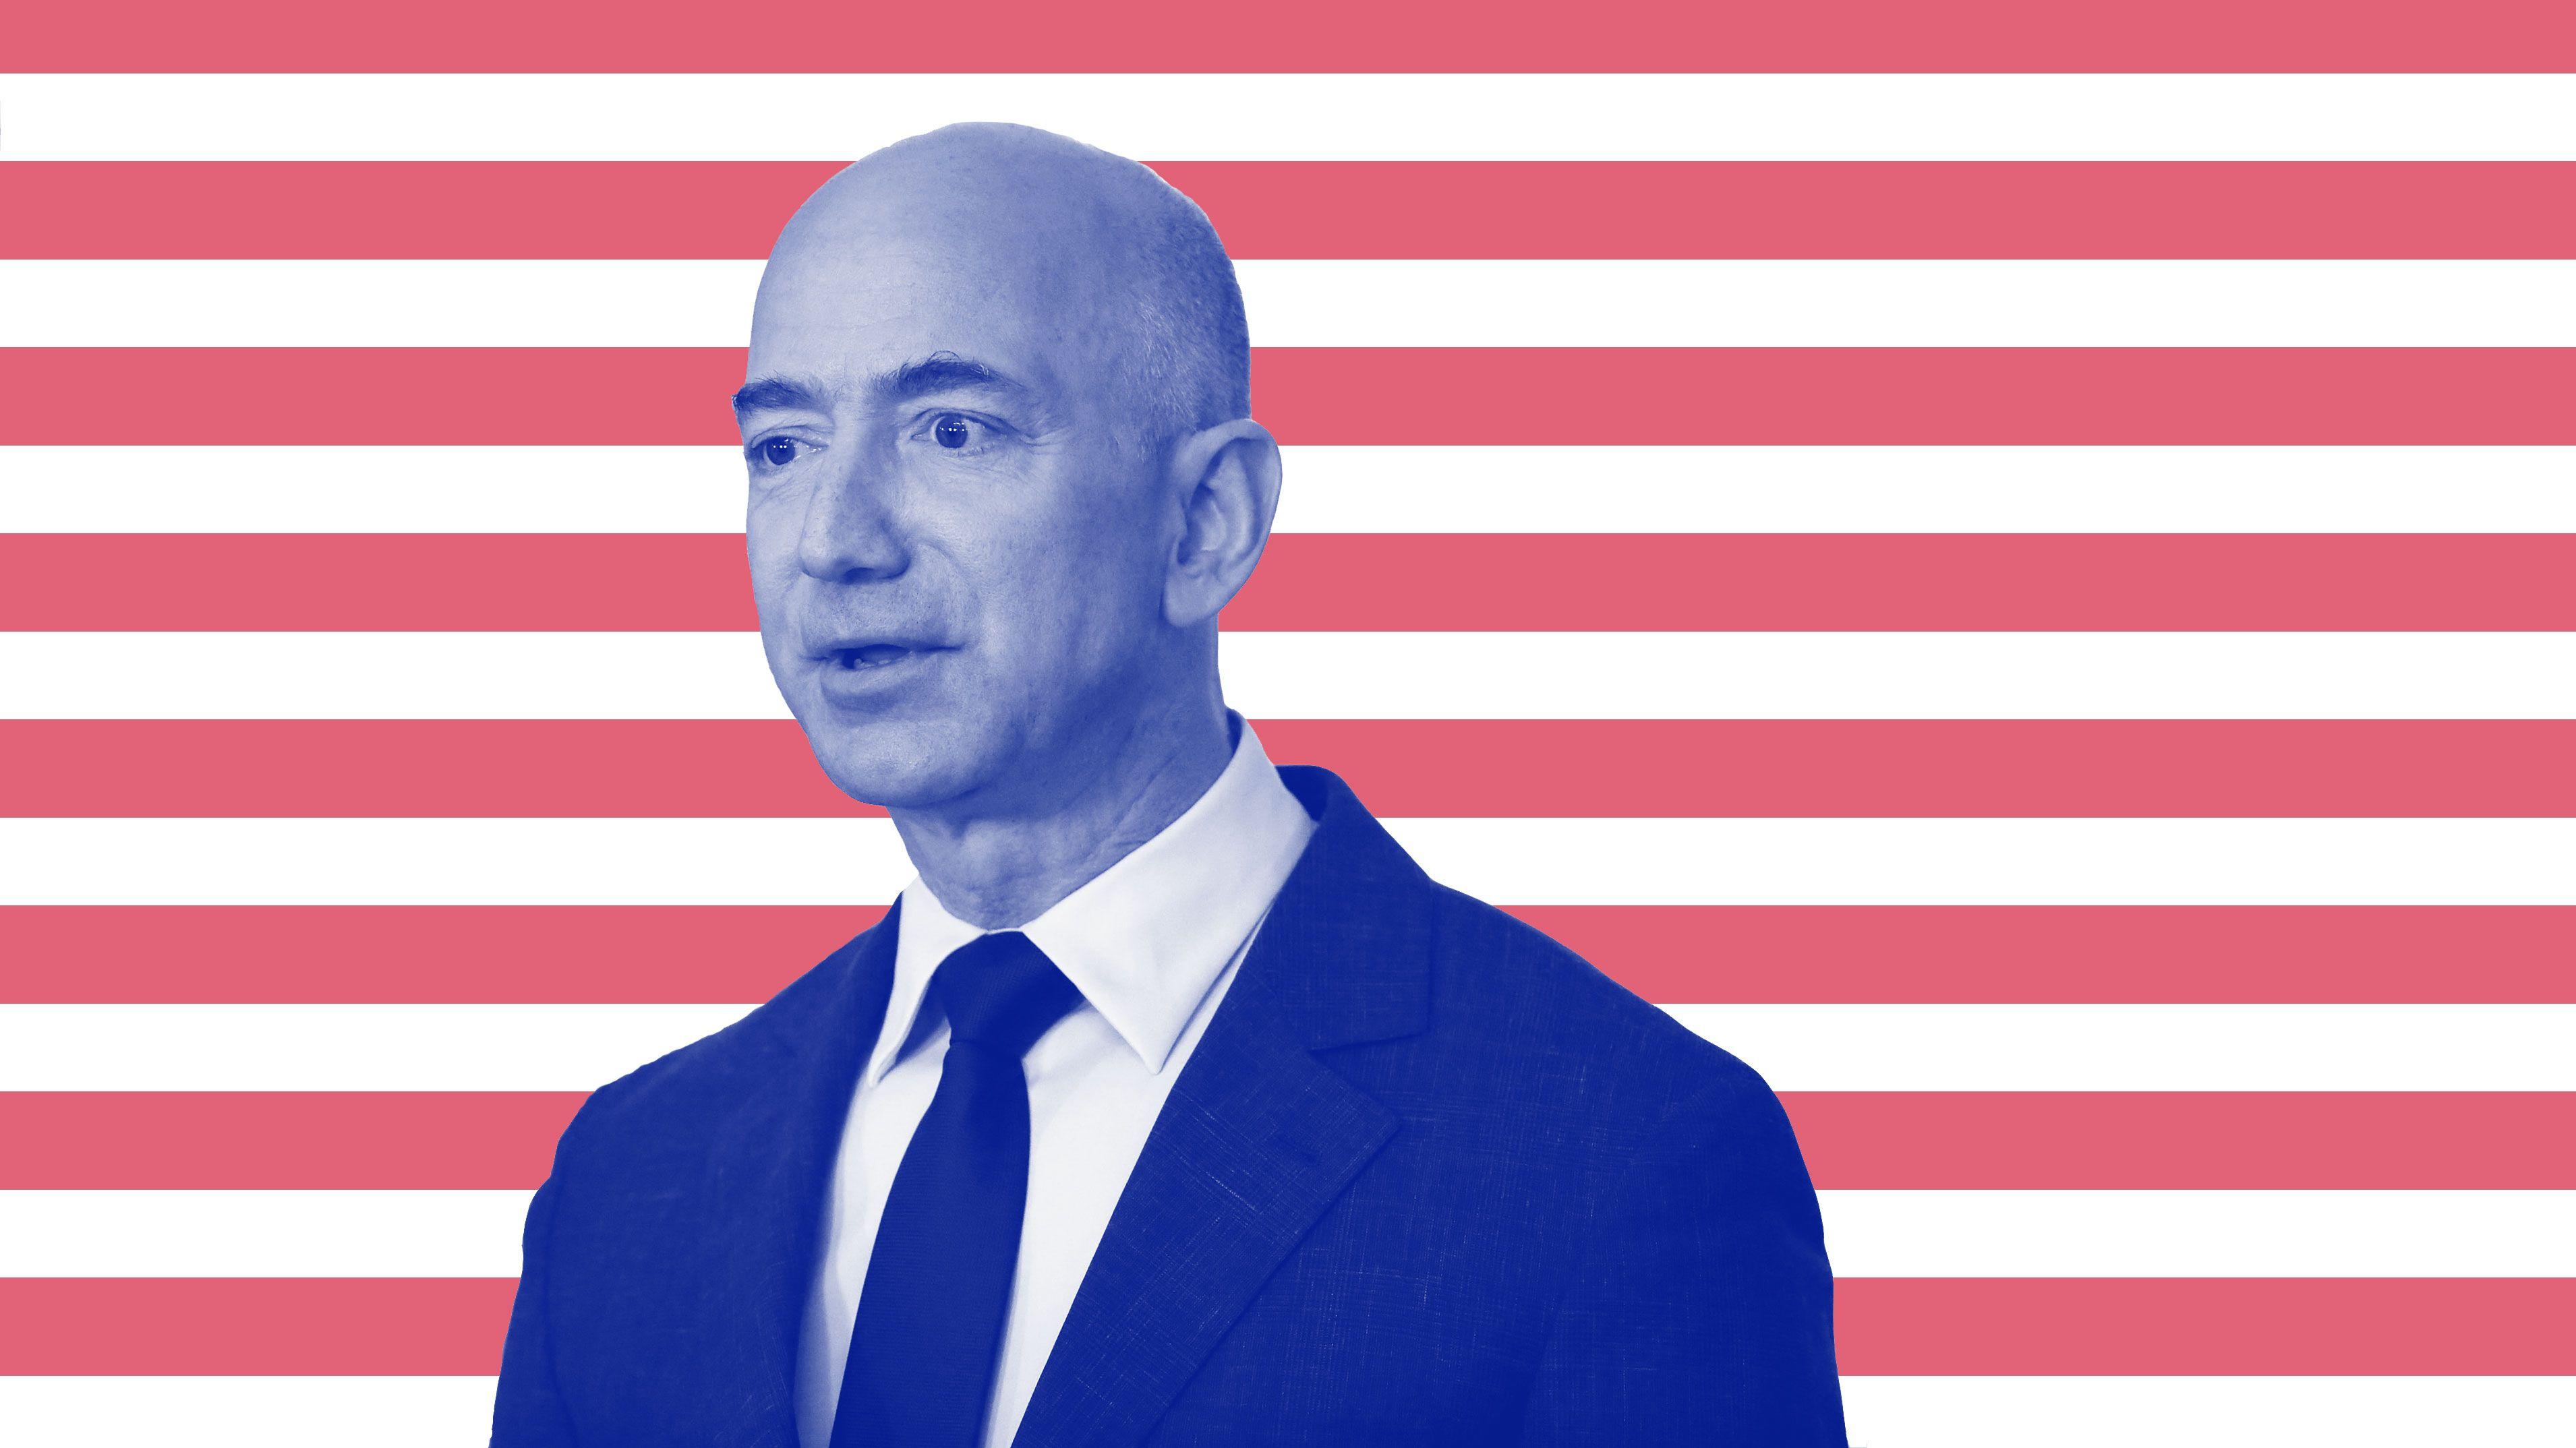 「政商」化するアマゾン、米政府の重要インフラでシェア圧倒